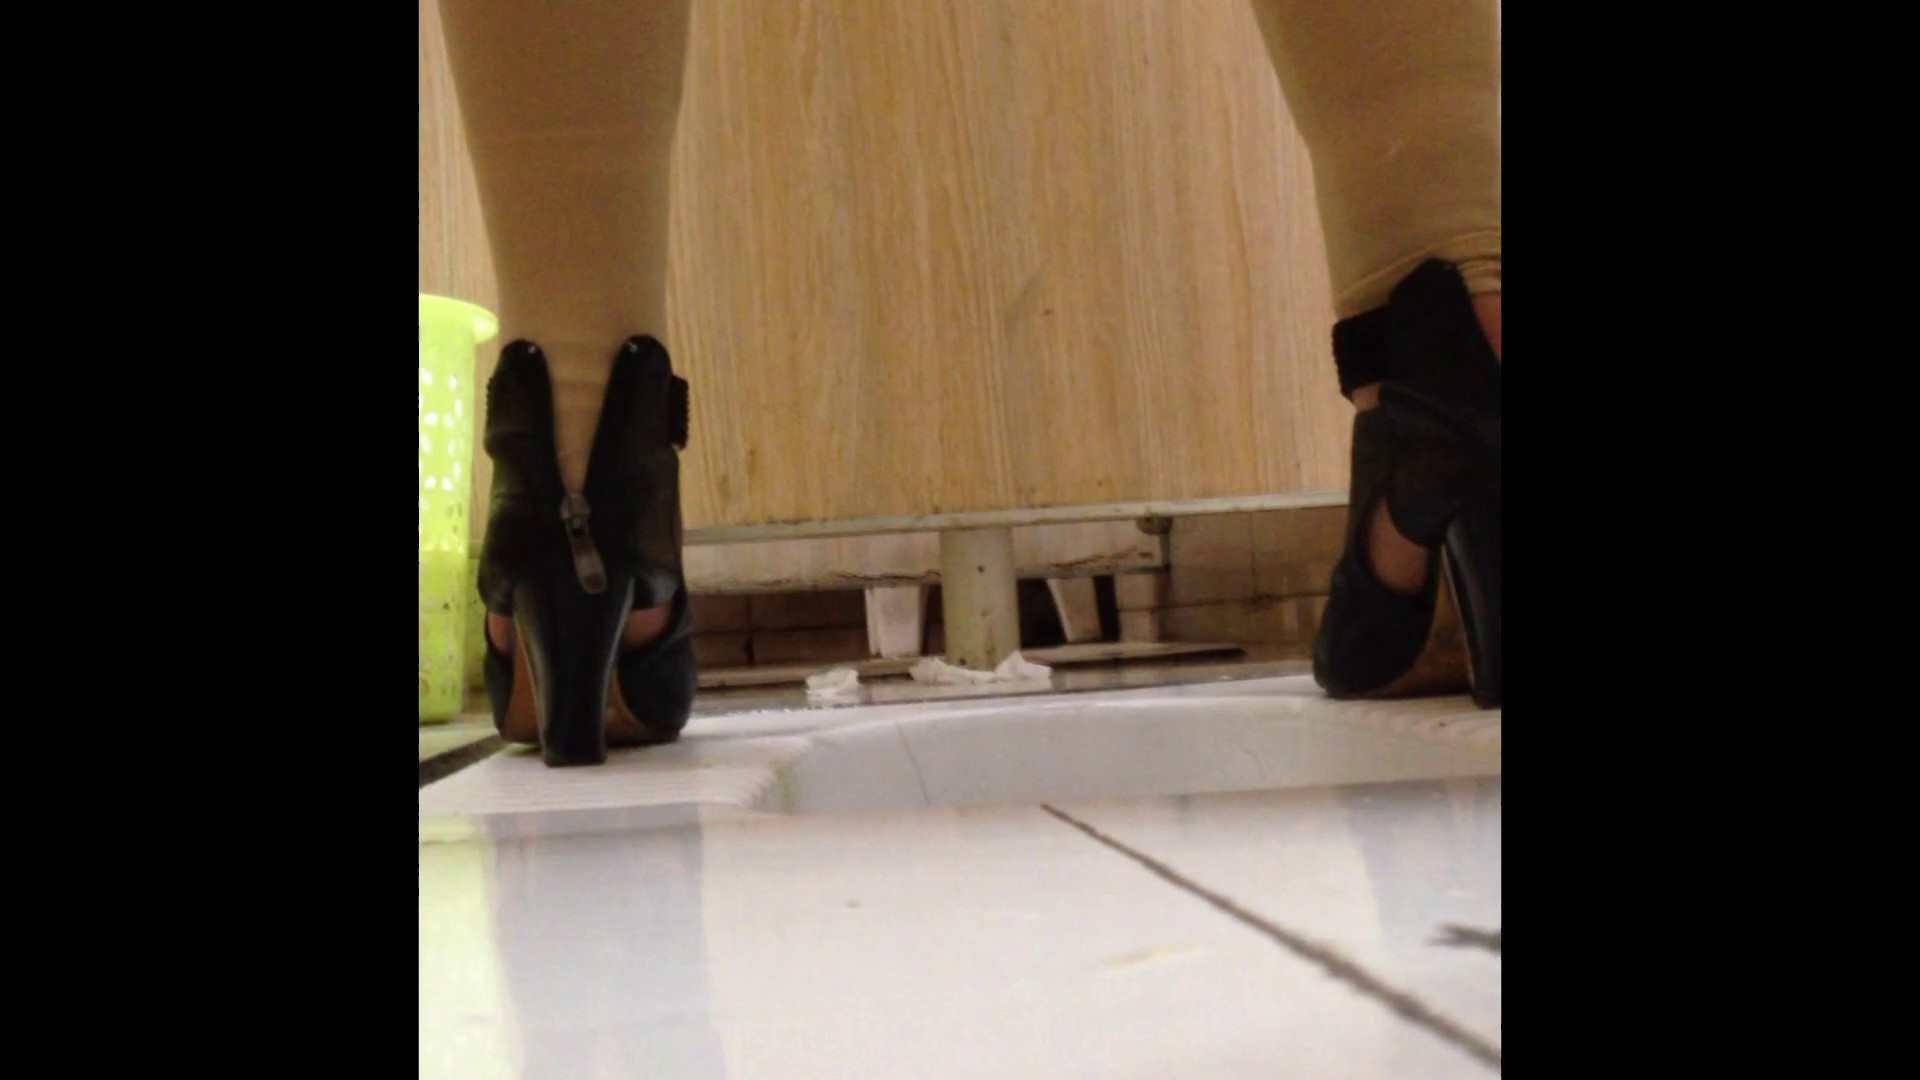 芸術大学ガチ潜入盗撮 JD盗撮 美女の洗面所の秘密 Vol.86 OLハメ撮り  58Pix 45